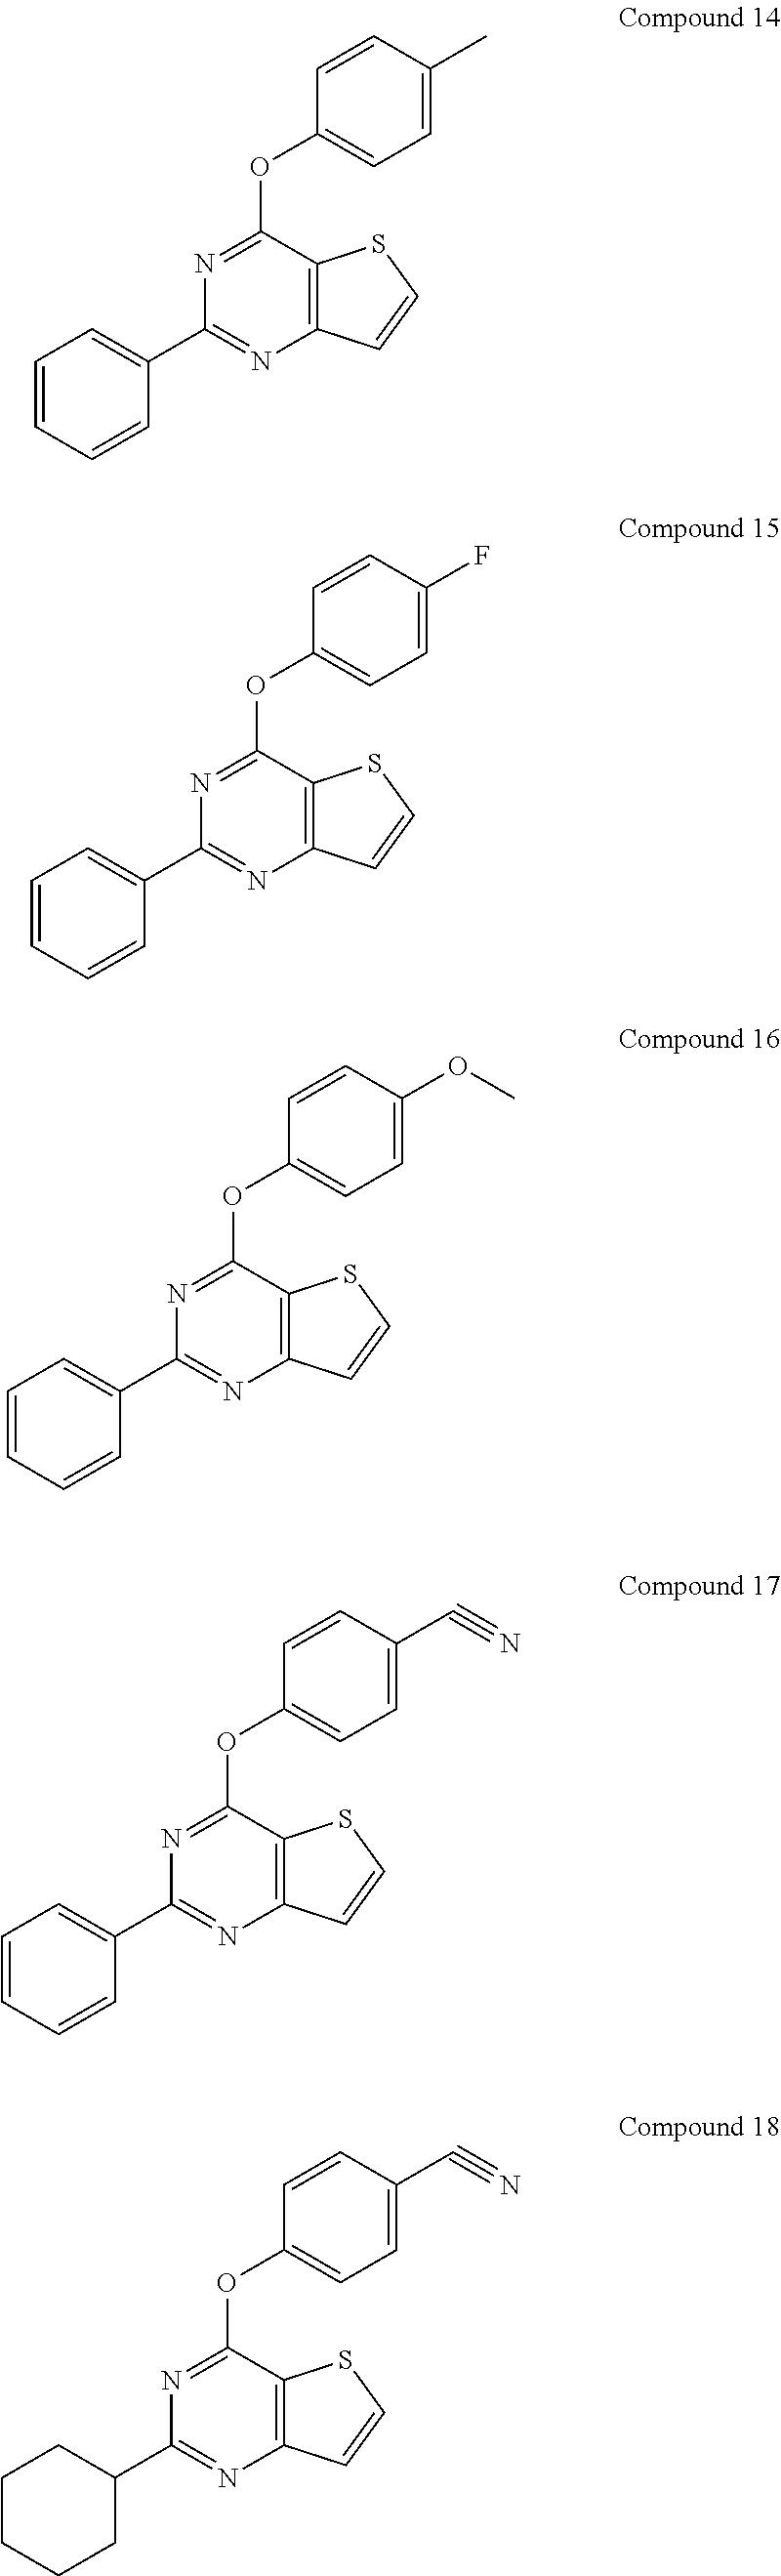 Figure US20120189590A1-20120726-C00051